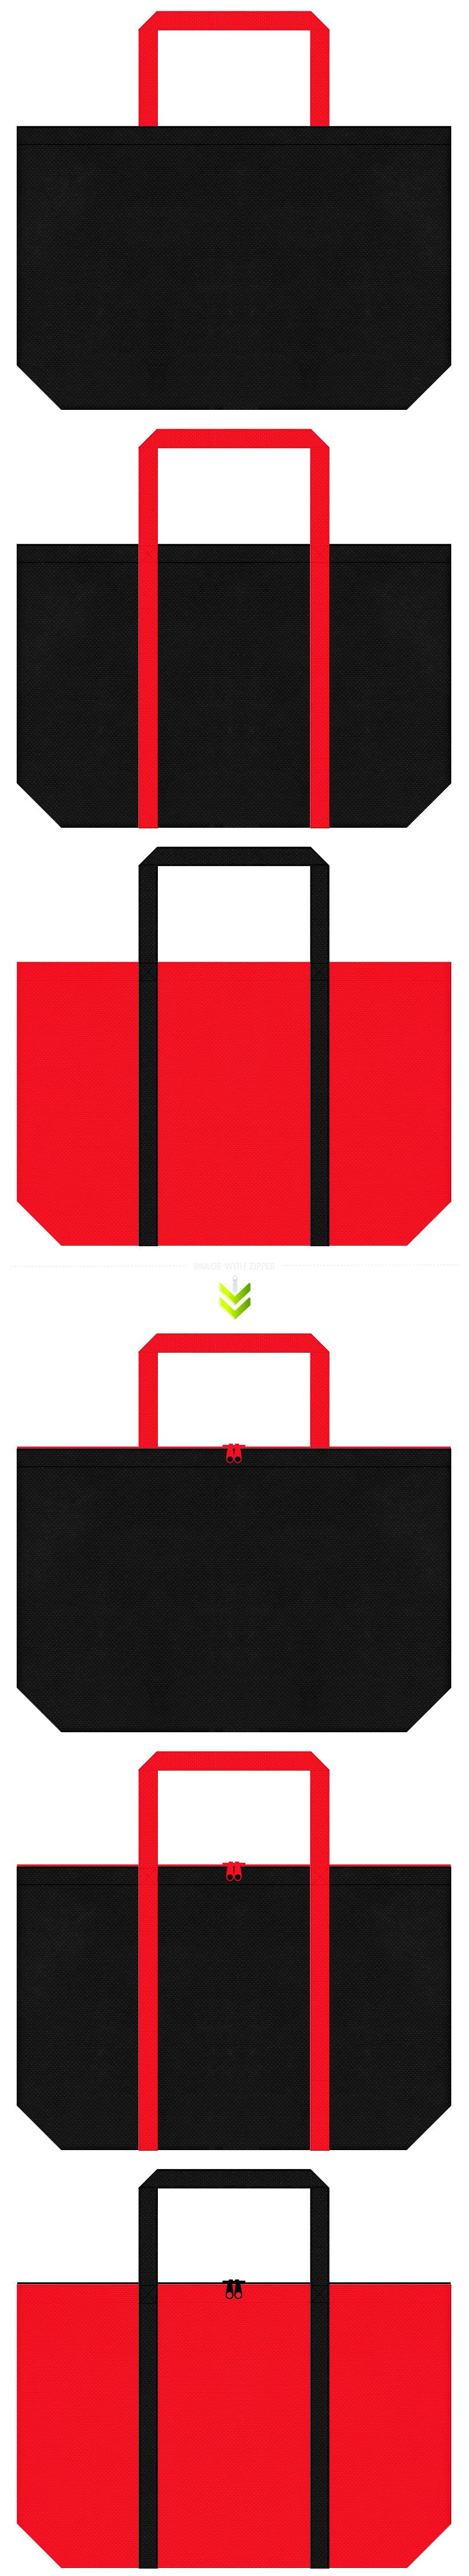 黒色と赤色の不織布エコバッグのデザイン。スポーティーファッションのショッピングバッグにお奨めです。